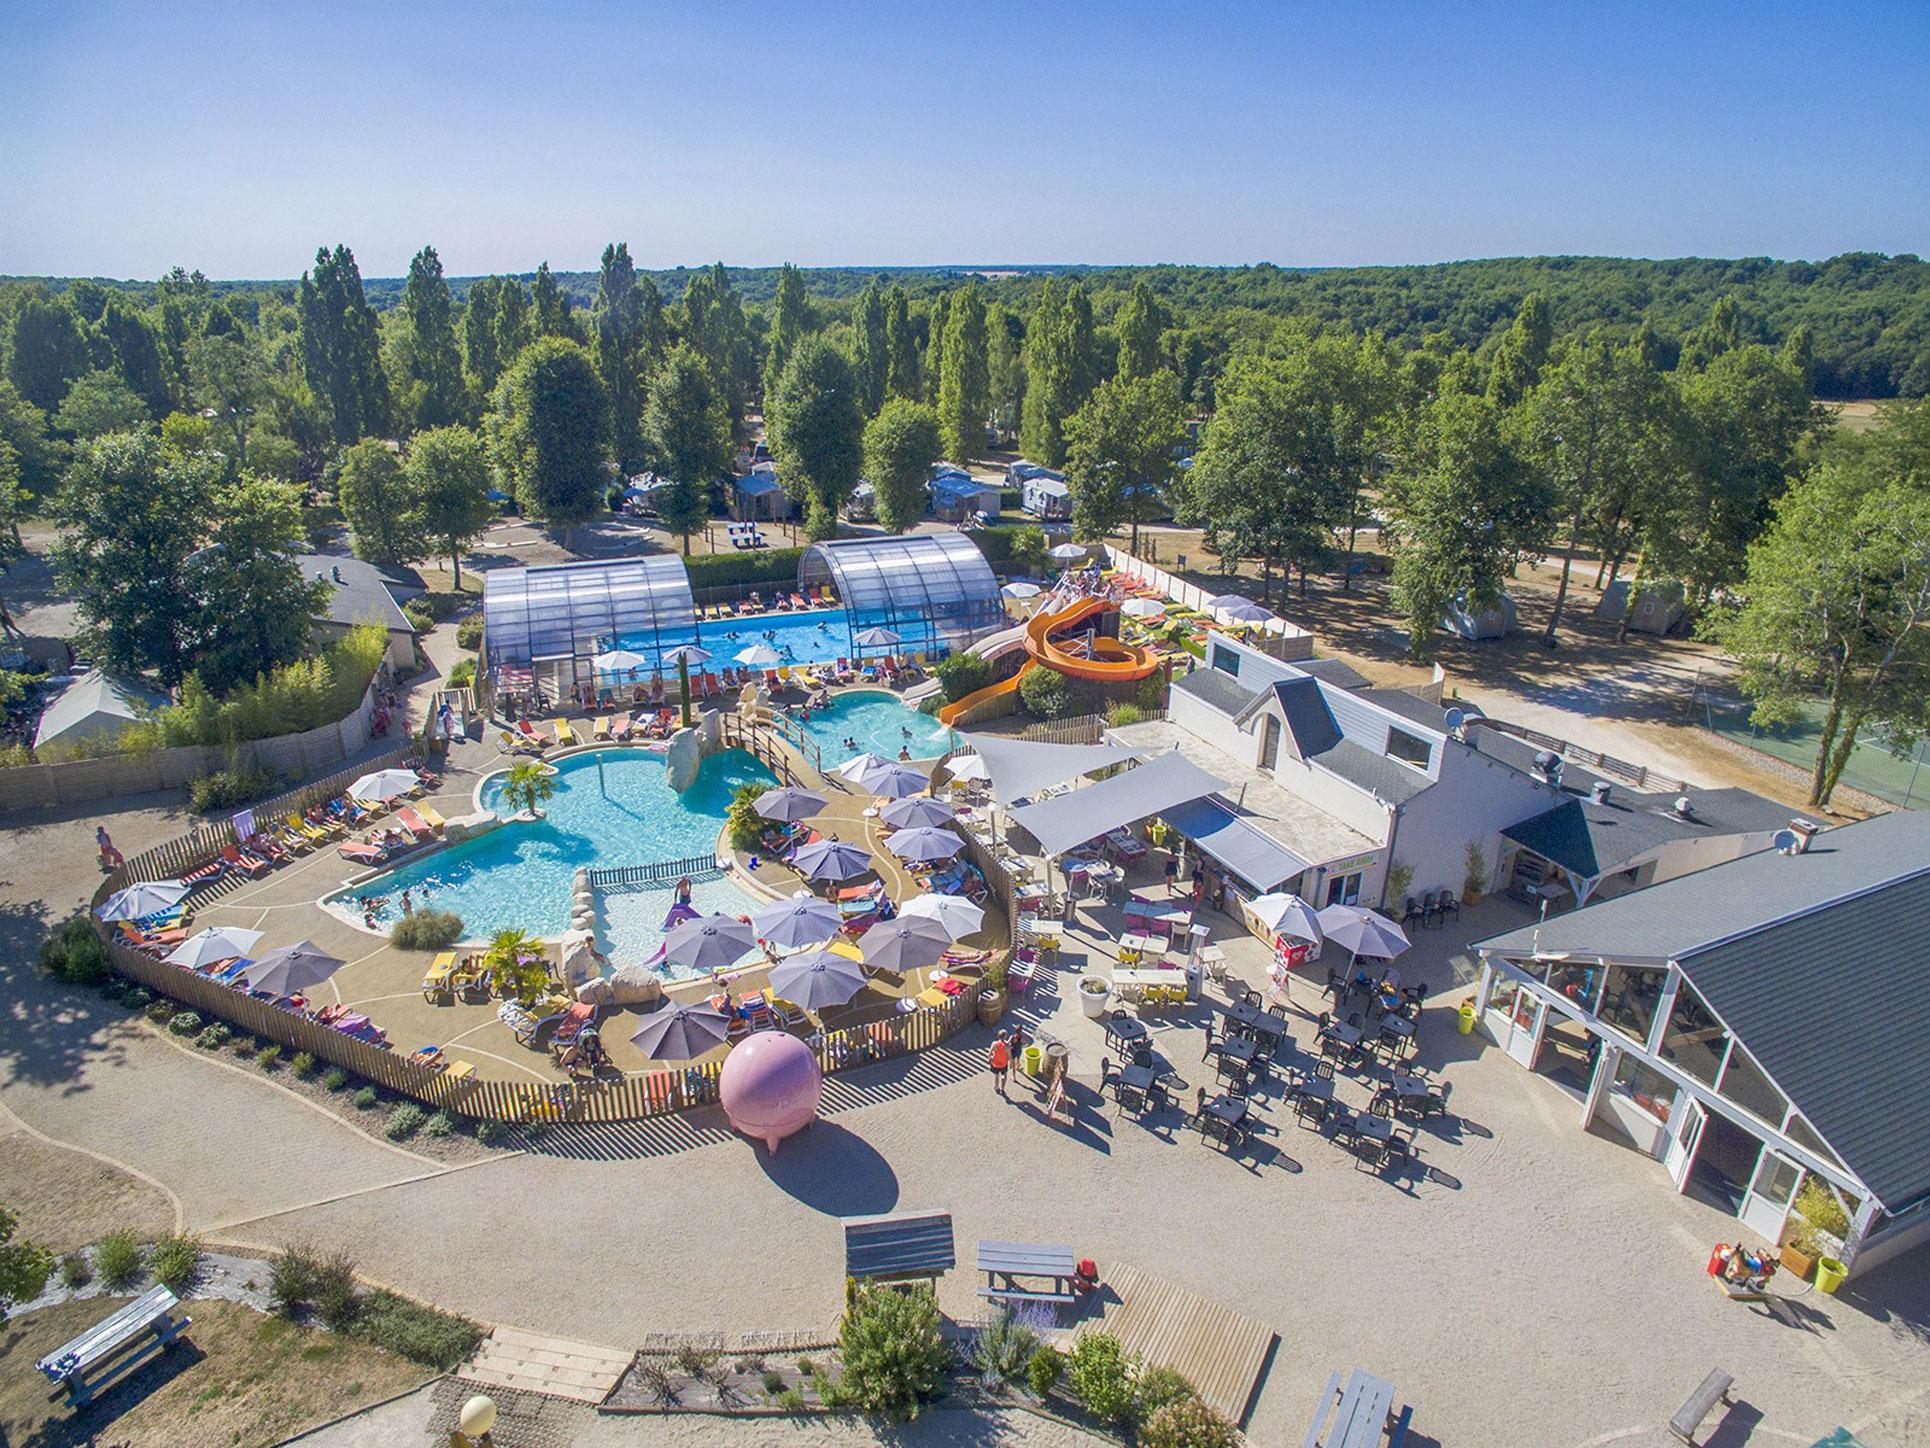 Camping Parc du Val de Loire | 5 stars Yelloh! Village